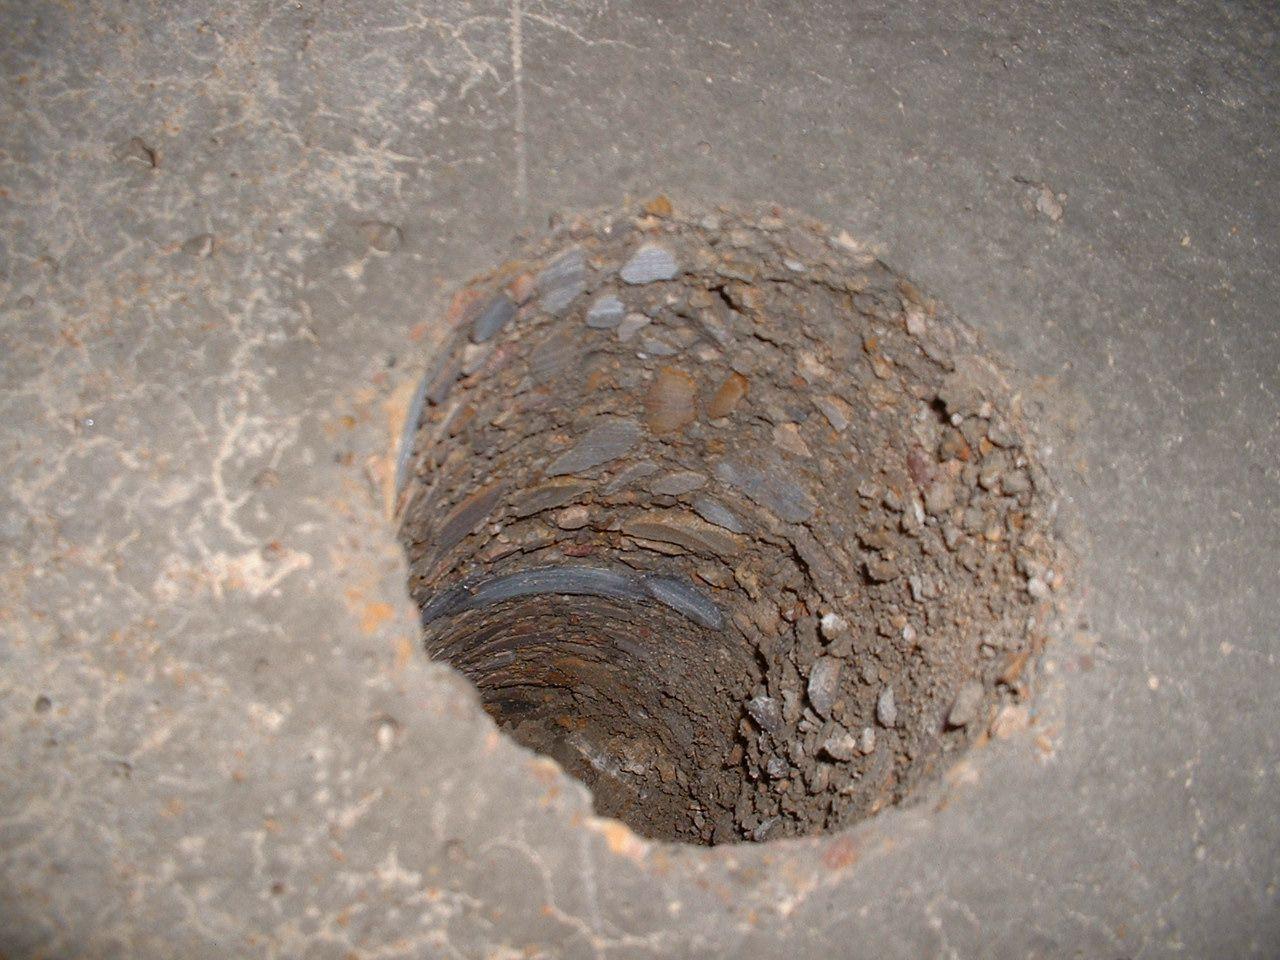 Extraccion De Testigo De Hormigon Diam 100 Mm Hormigon